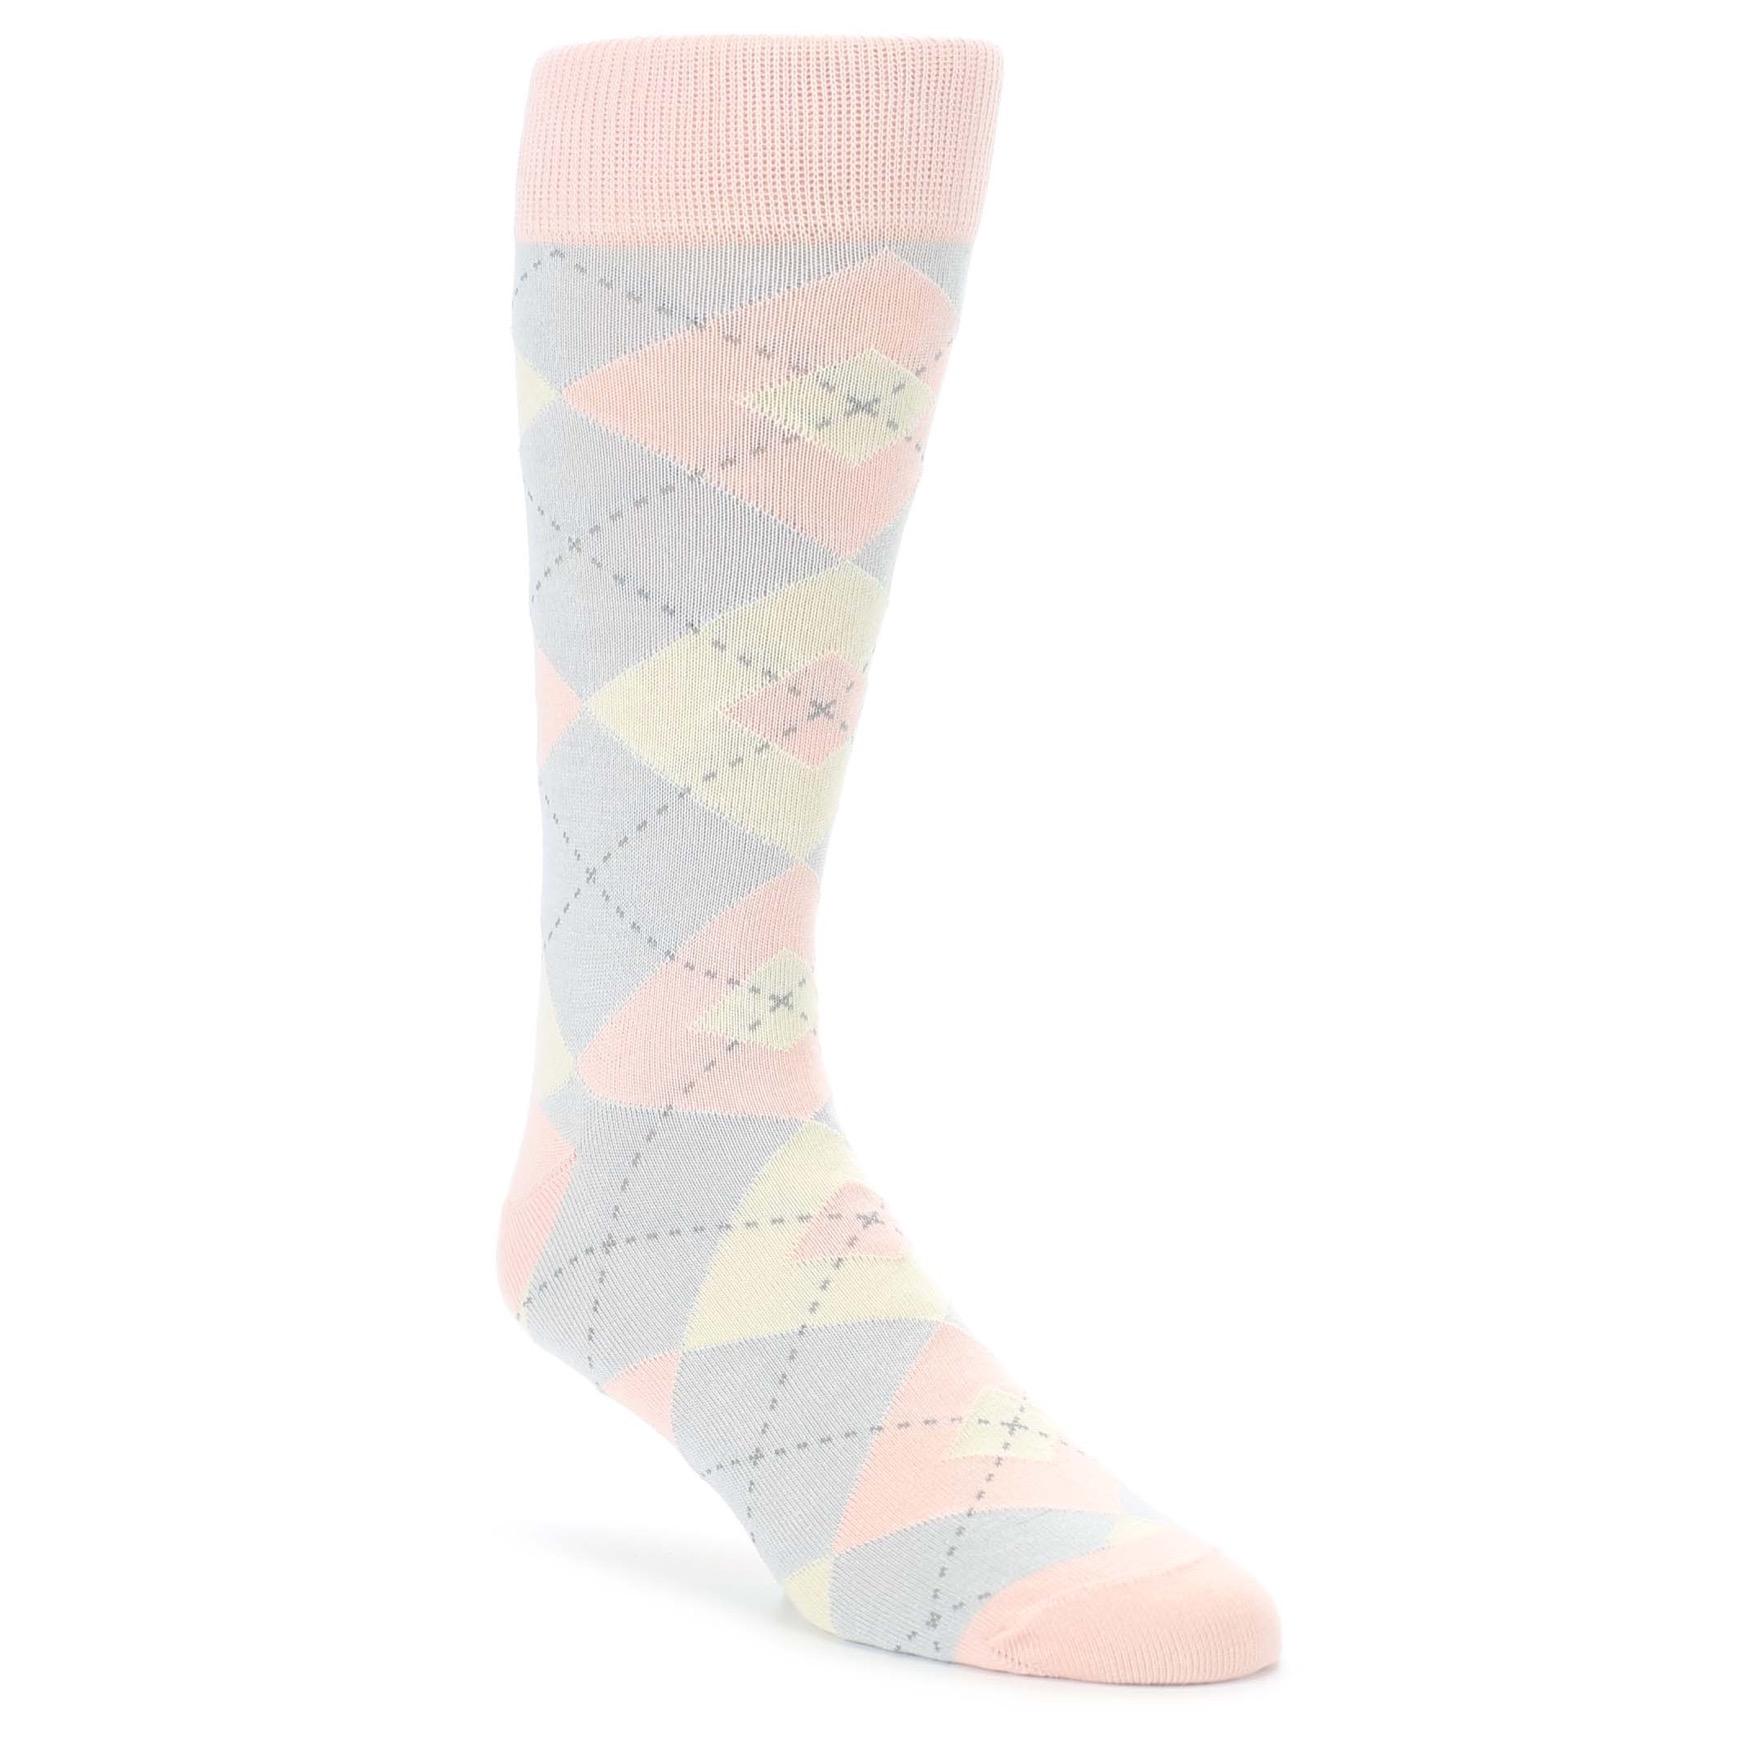 90052e5b51b8 Blush Pink Argyle Wedding Groomsmen Socks. Image of Blush Pink Gray Argyle  Wedding Groomsmen Men's Dress ...